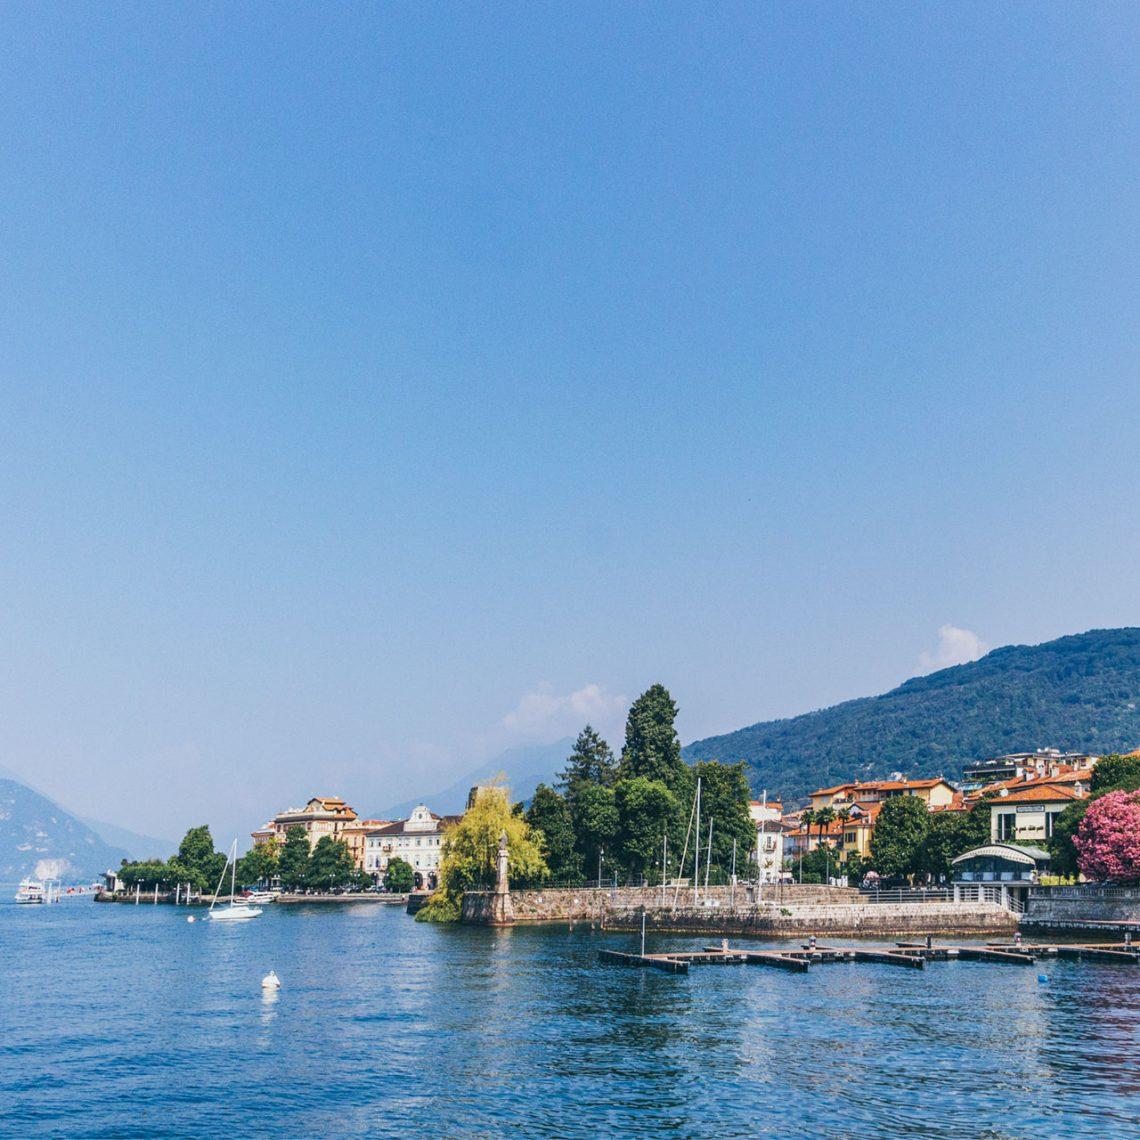 Beschaulicher Lago – Ufer der Kleinstadt Verbania